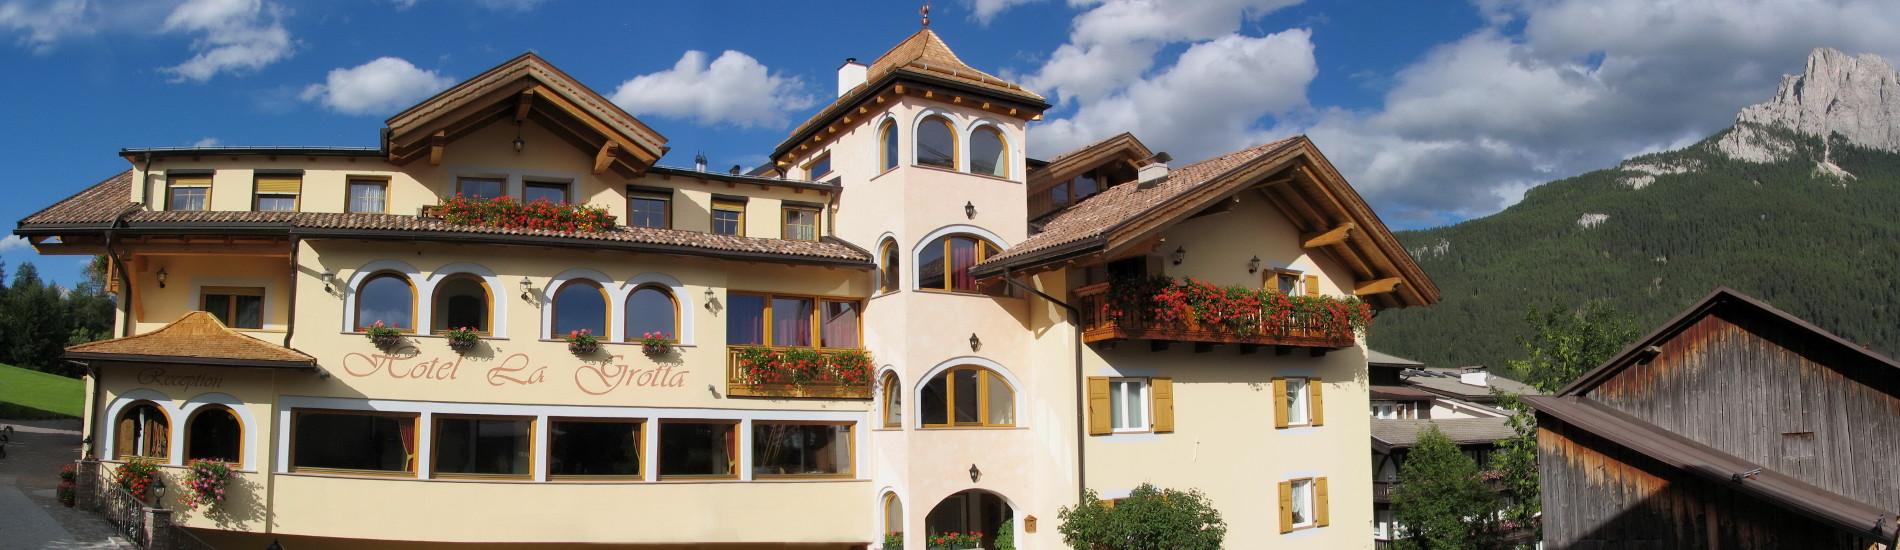 Hotel tra le Dolomiti in Val di Fassa